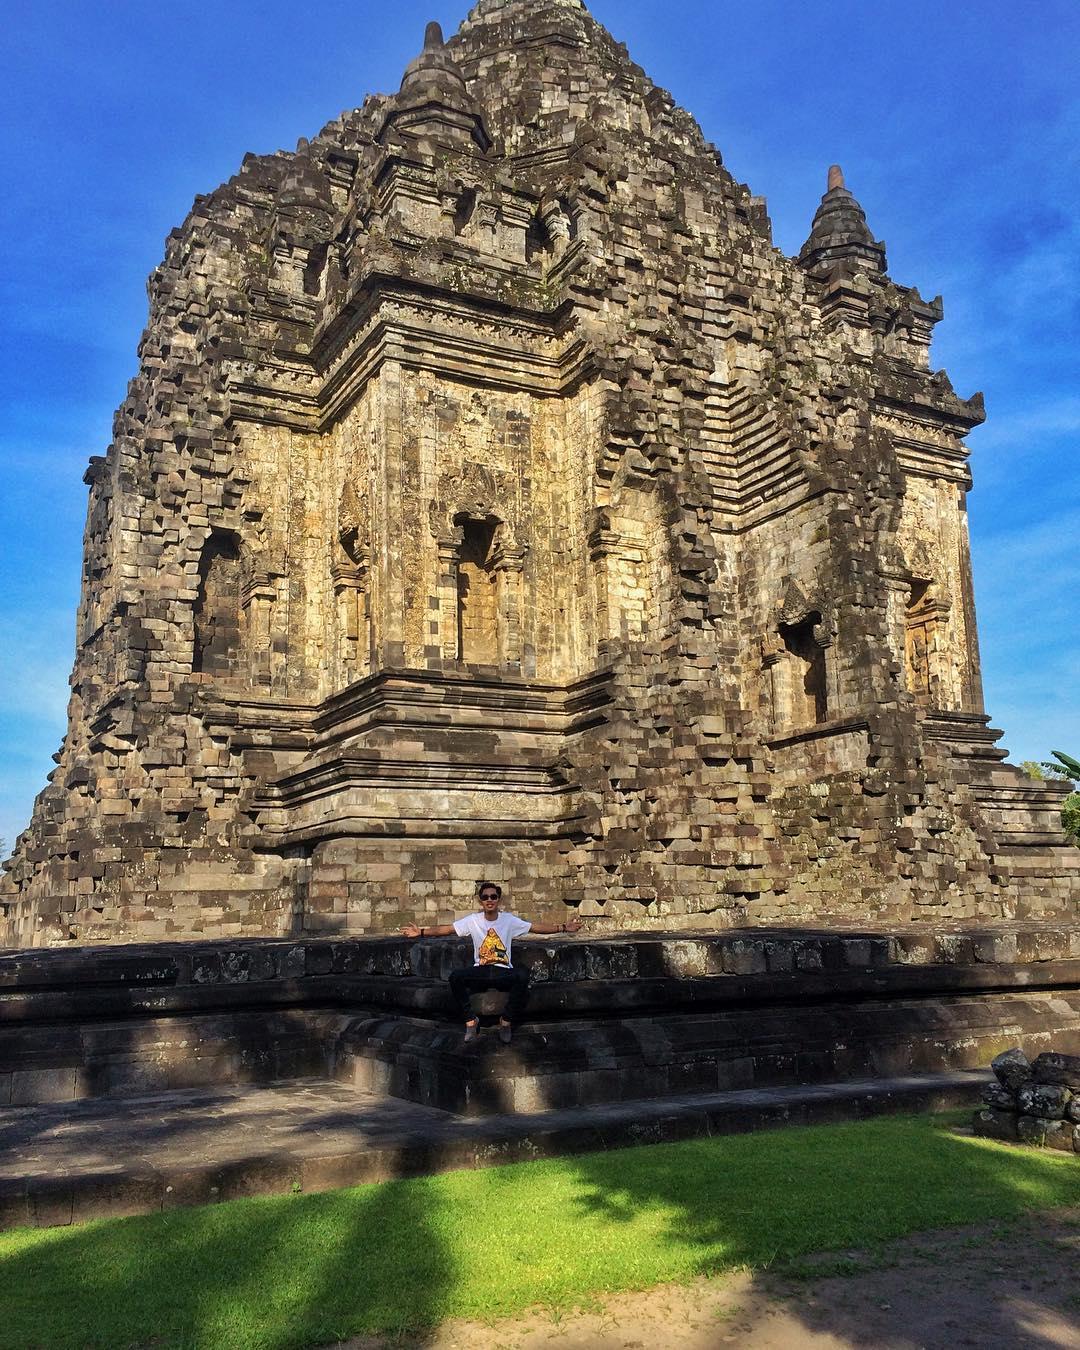 Candi Kalasan, Candi Kalasan Yogyakarta, Yogyakarta, Dolan Dolen, Dolaners Candi Kalasan via adhitya prasetya - Dolan Dolen